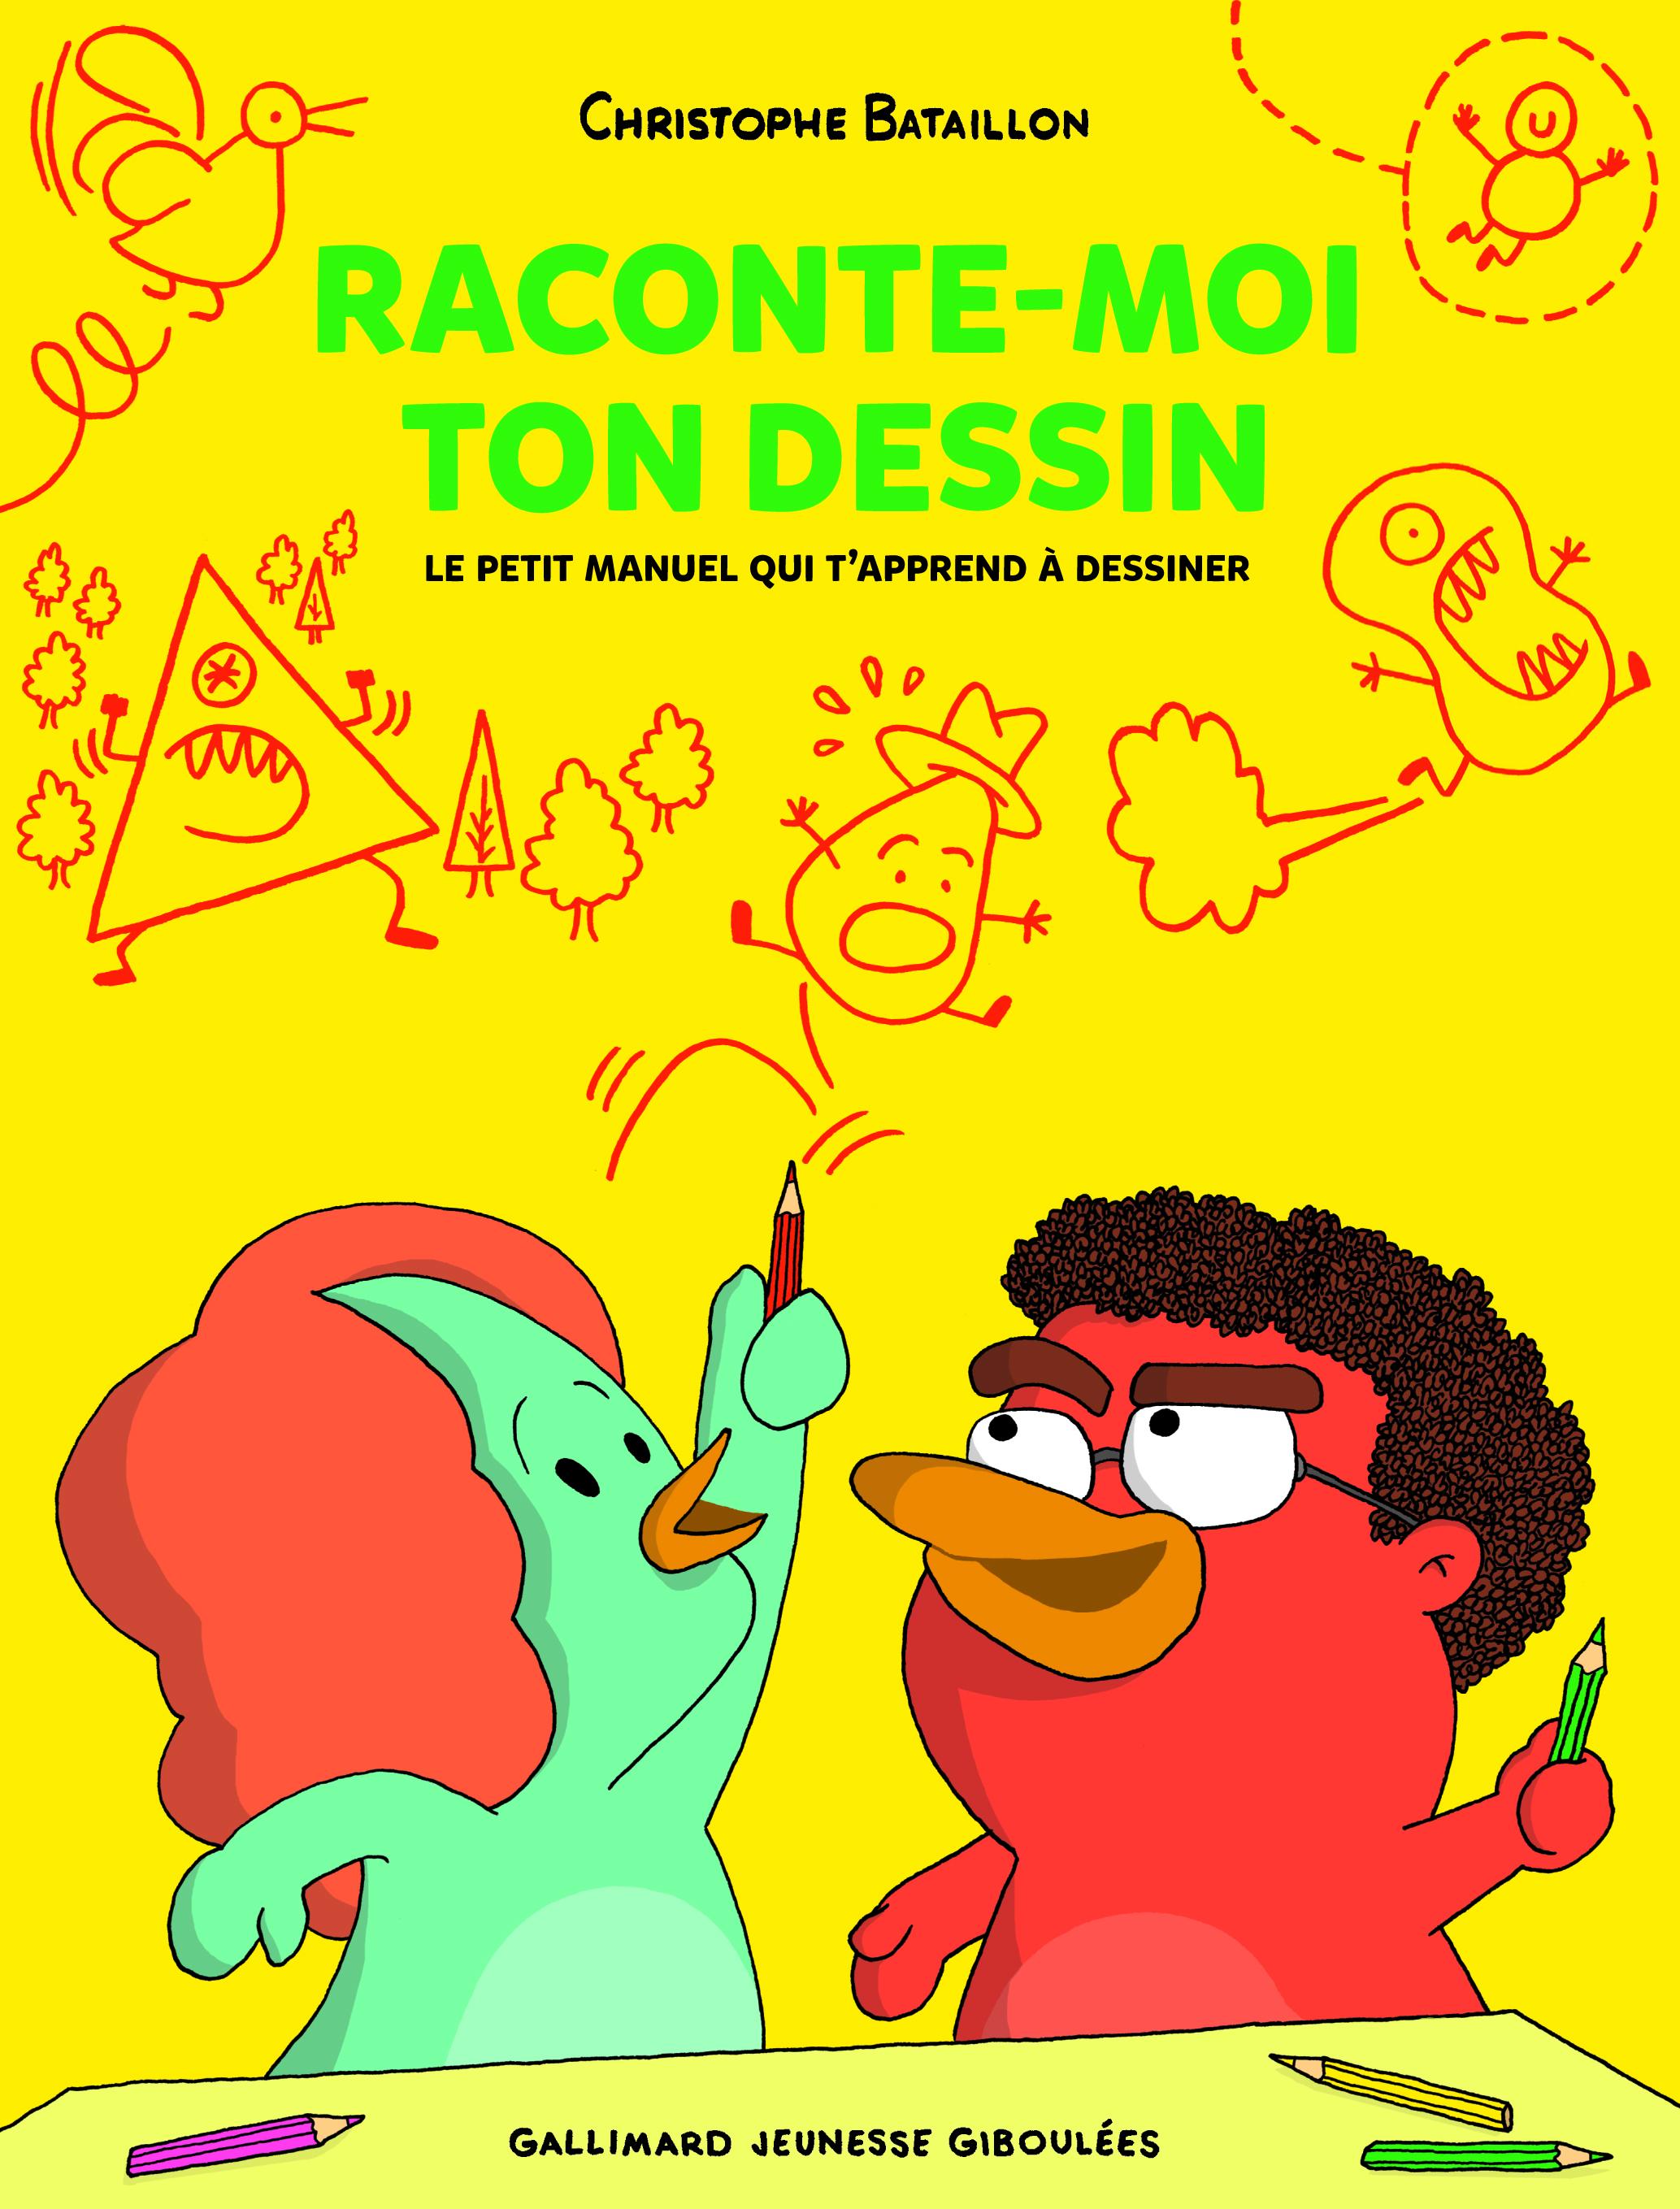 RACONTE-MOI TON DESSIN - LE PETIT MANUEL QUI T'APPREND A DESSINER